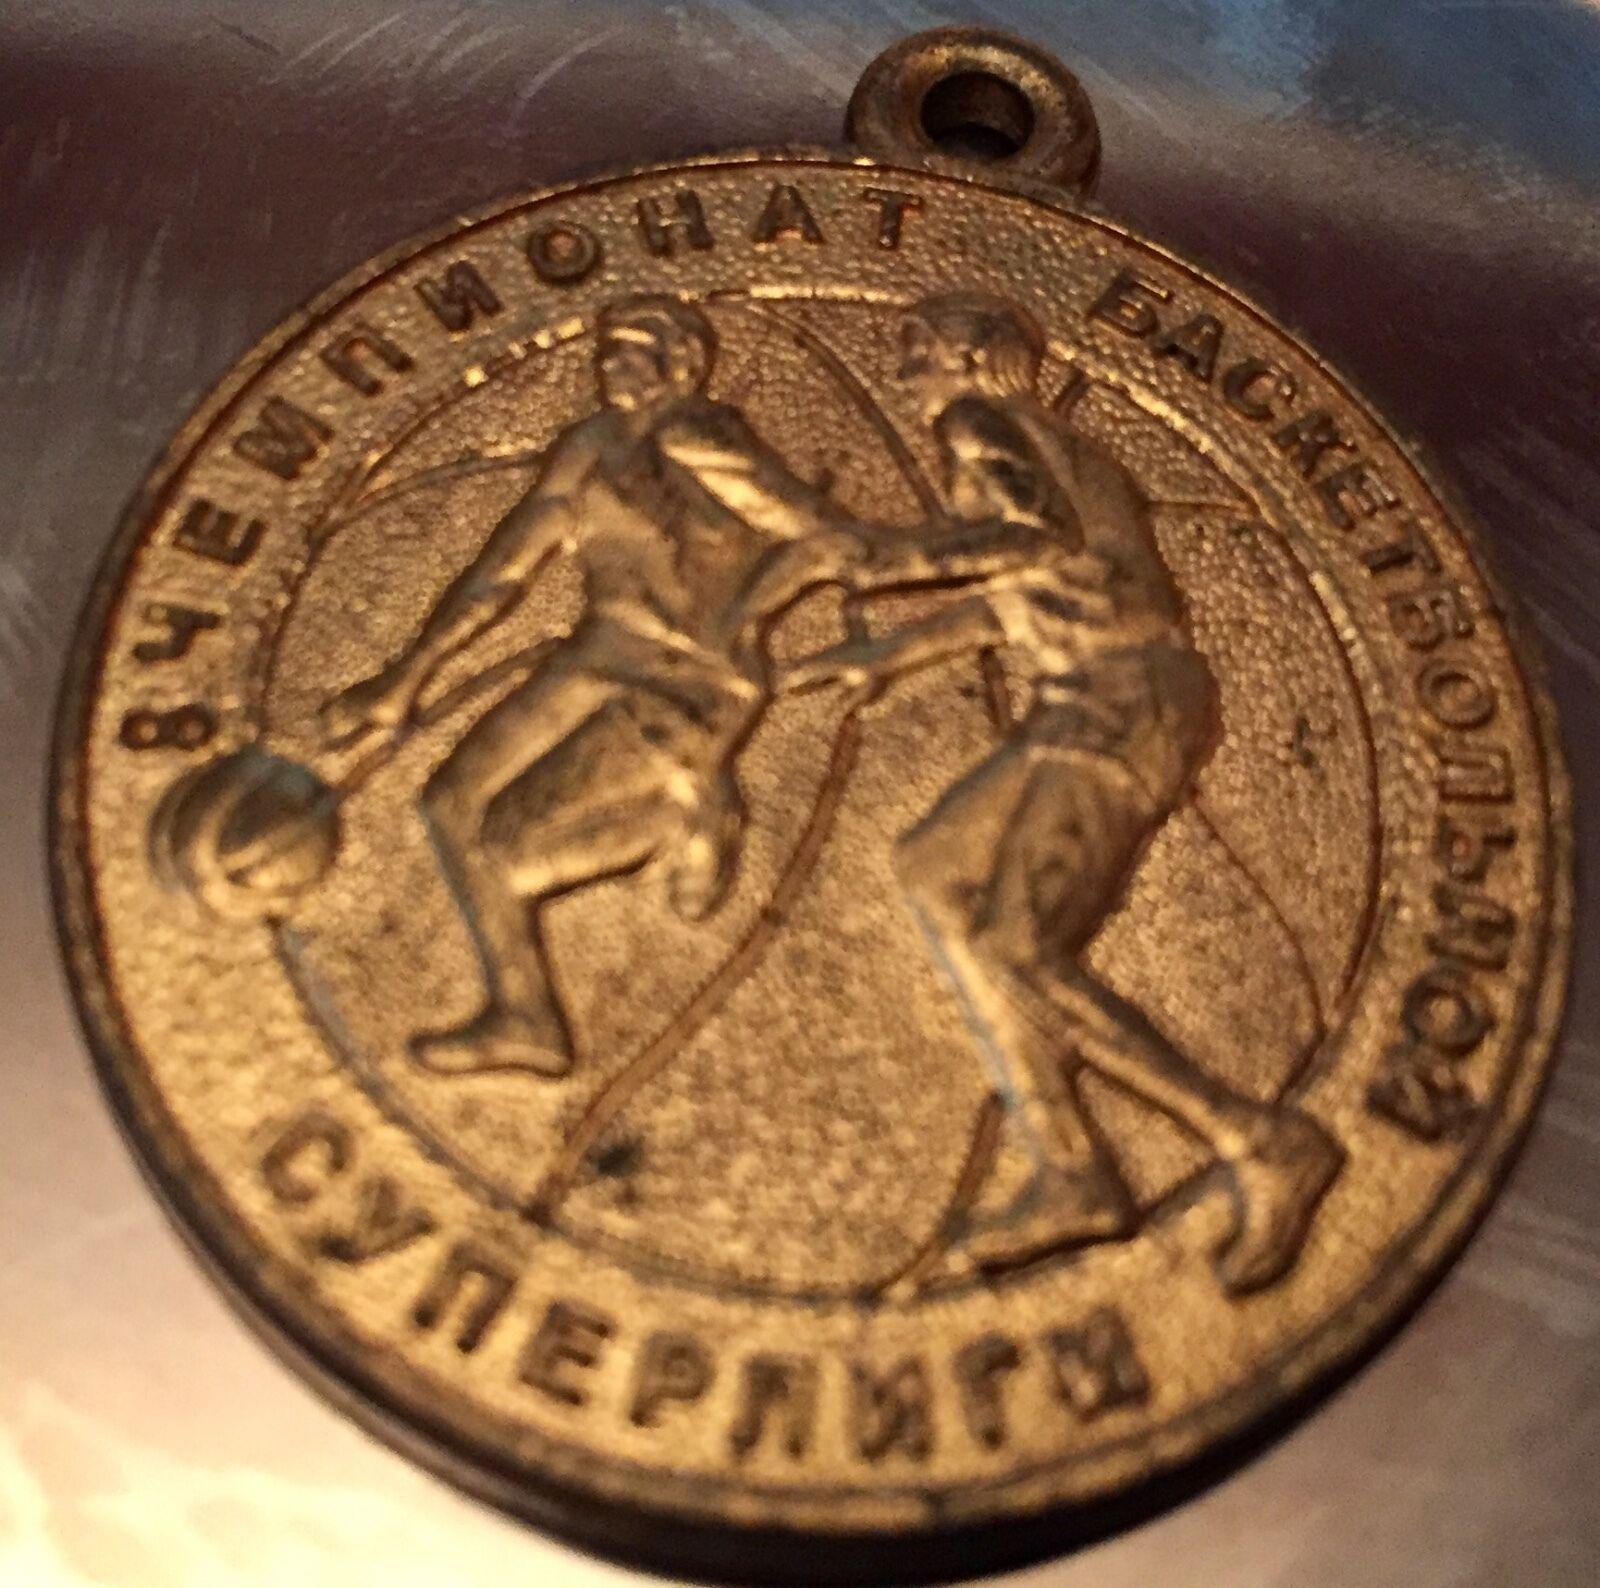 2002 campeonato de la Liga rusa Ural Gran Medalla de baloncesto NBA Anthony Bowie